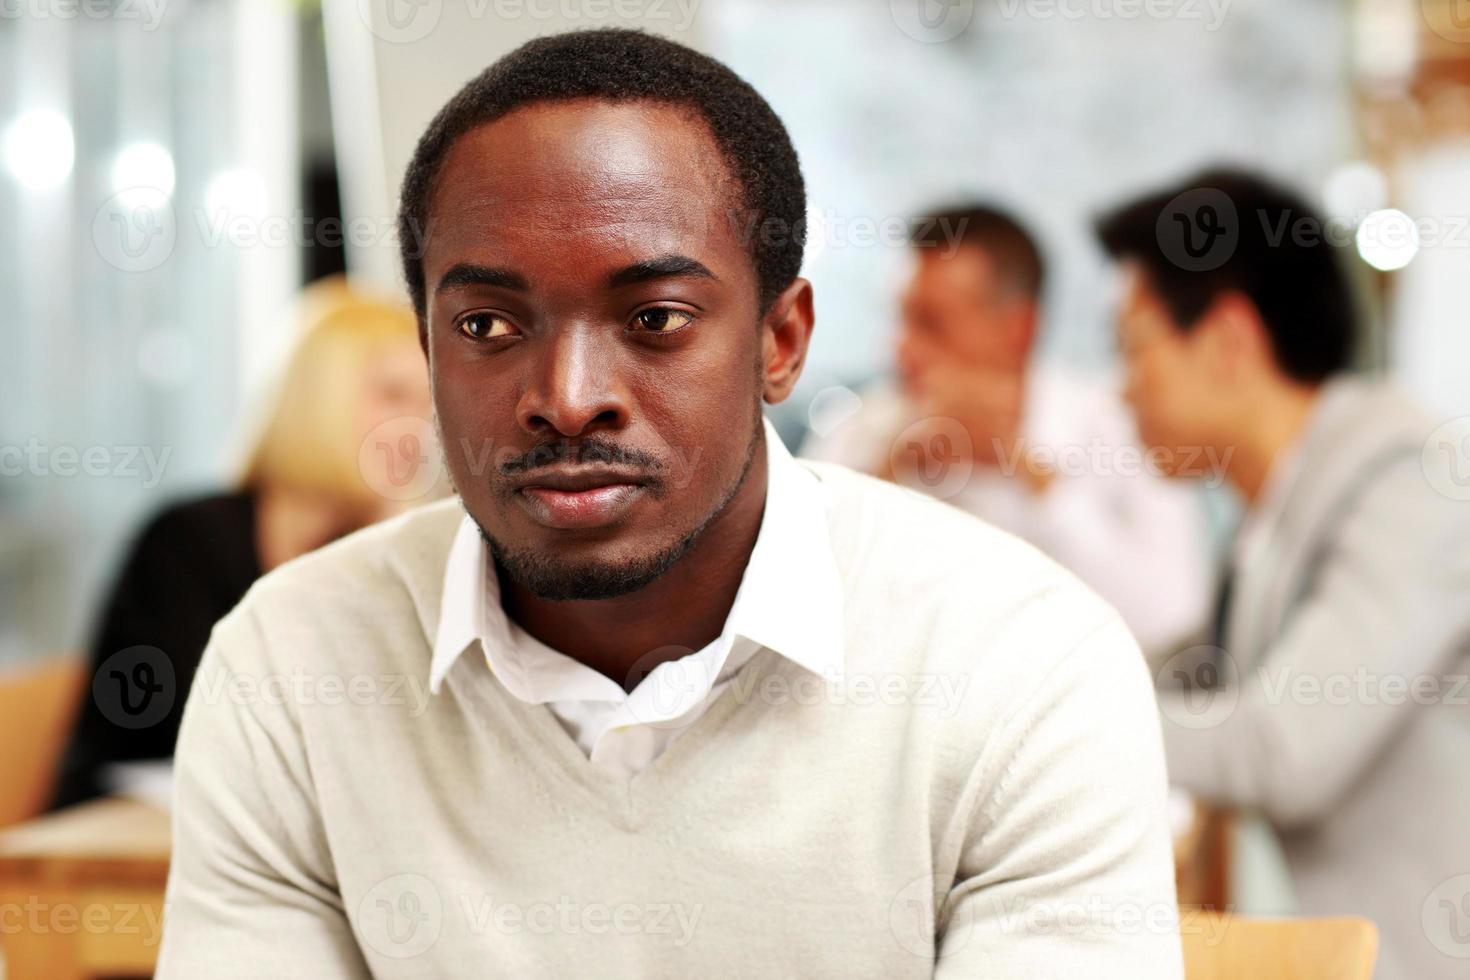 empresário sentado na frente dos colegas foto